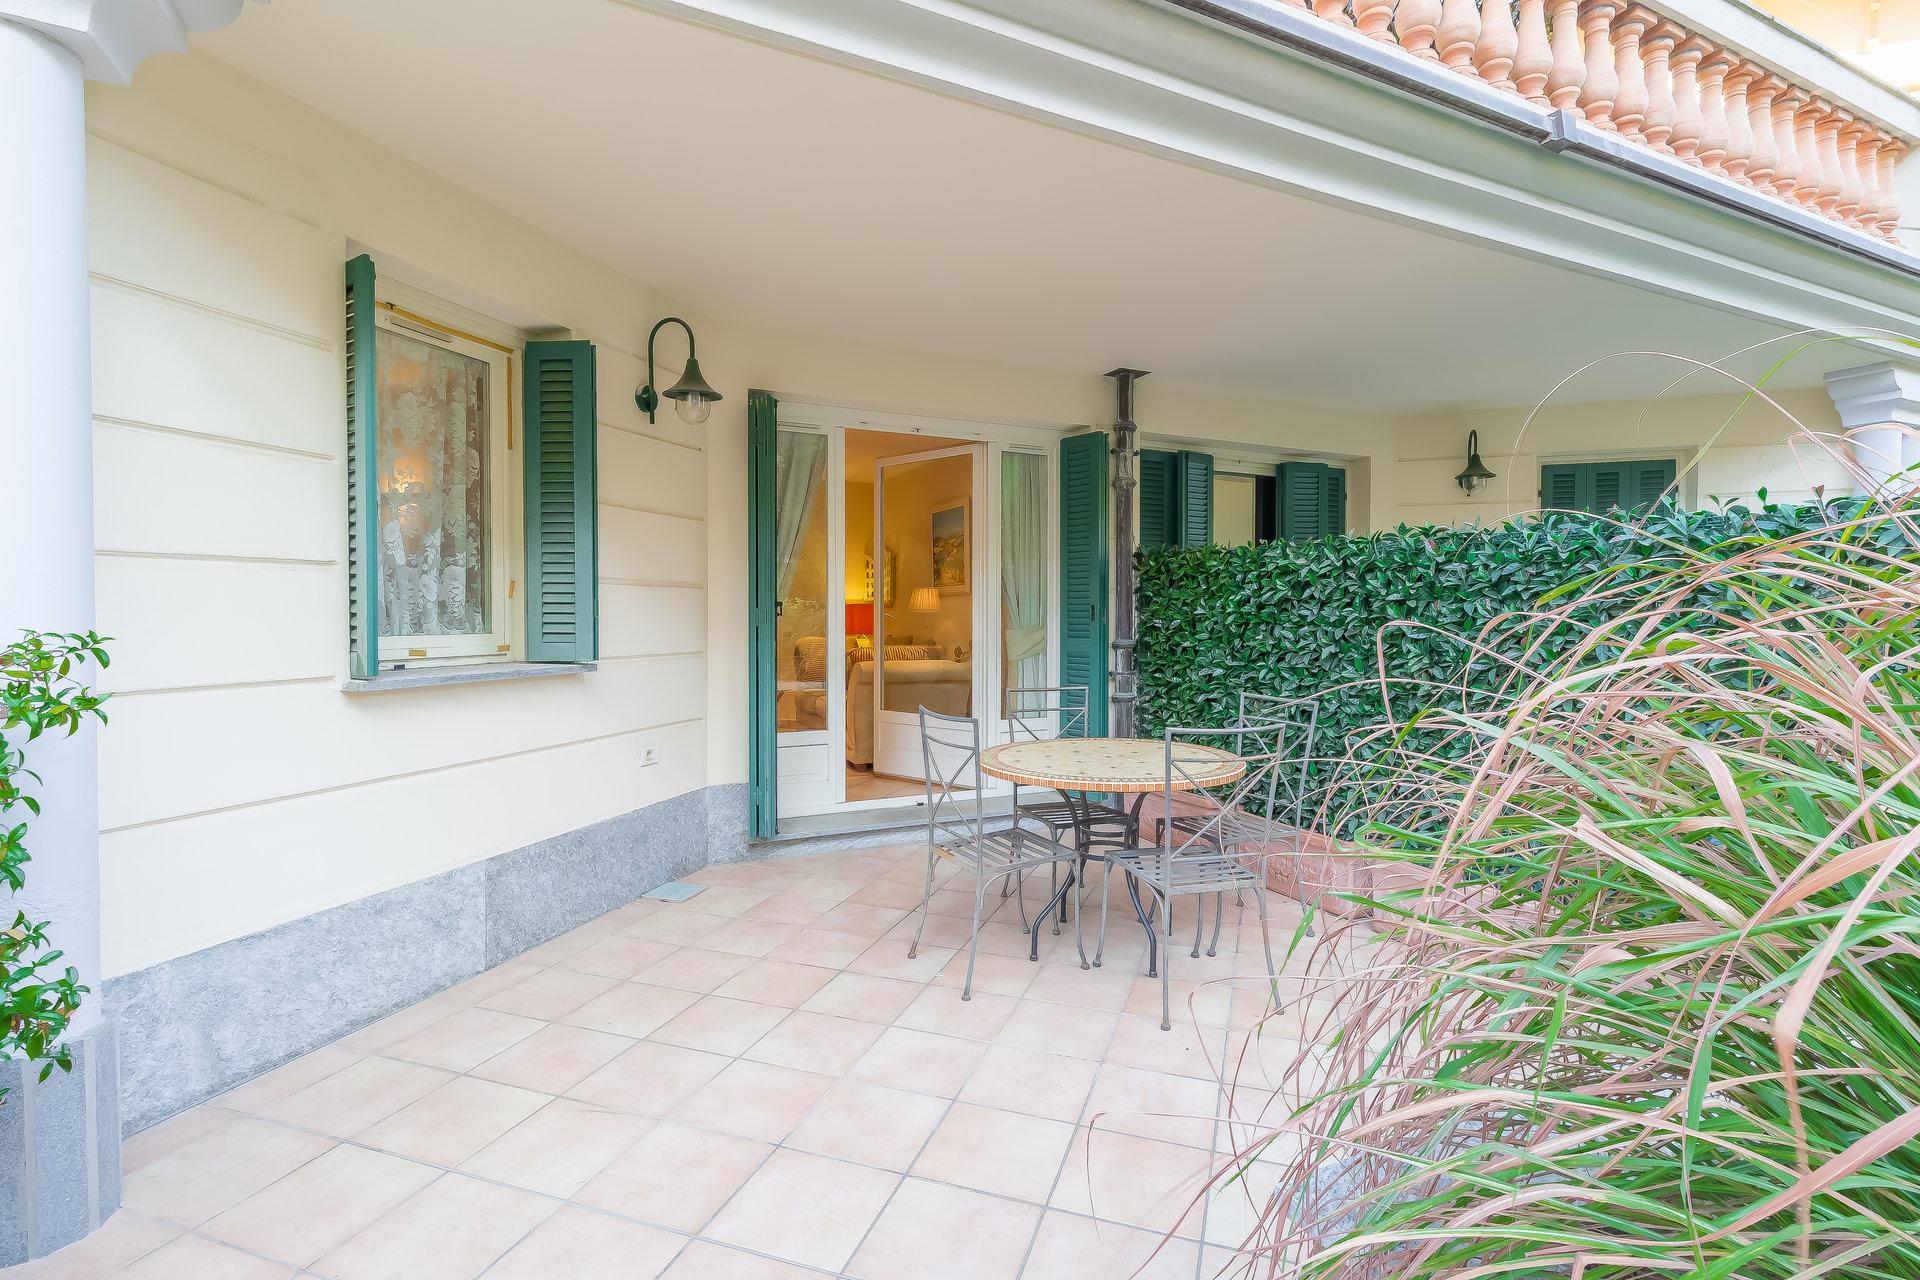 Beaulieu sur mer, 2 pièces avec terrasse, jardin et garage